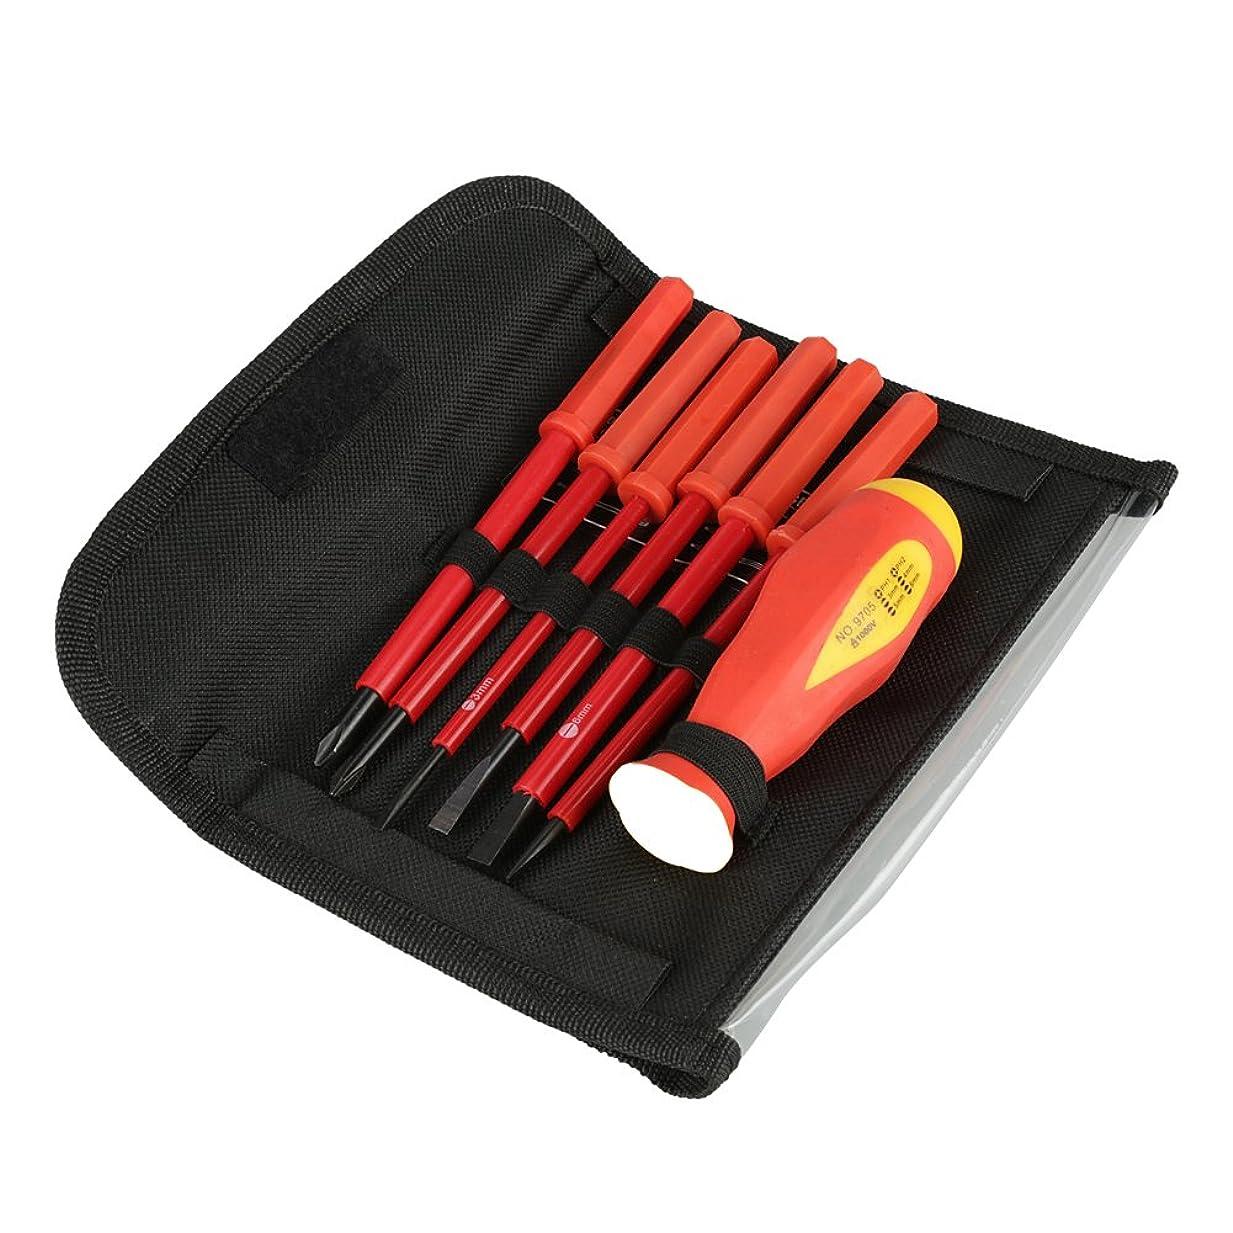 どんなときもシニス幻想的Yosoo ドライバーセット 電動スクリュードライバー 7pcs /セット 多機能 修理ツールキット 高耐圧 分解 修理 絶縁